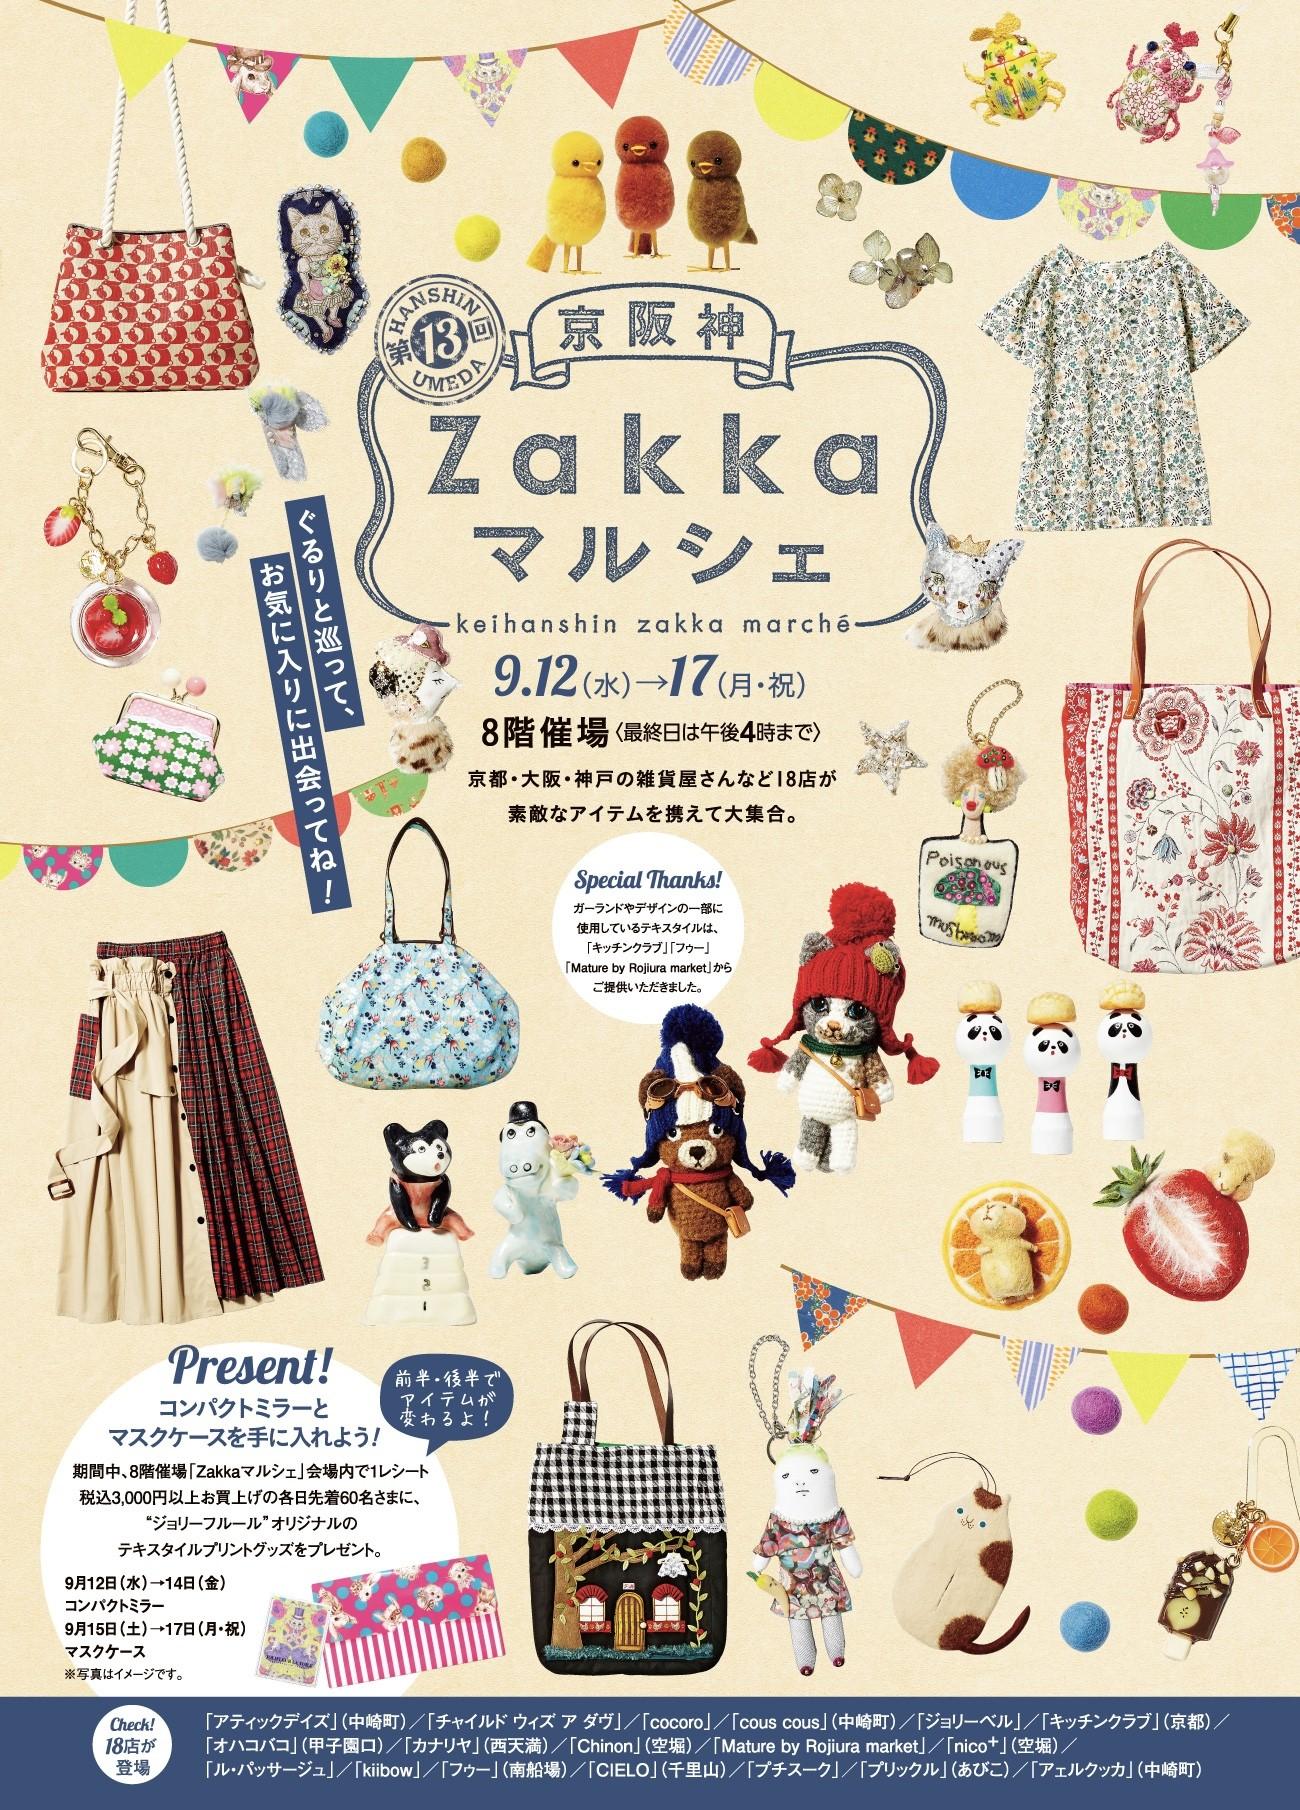 イベント出展のお知らせ【京阪神Zakkaマルシェ】阪神百貨店